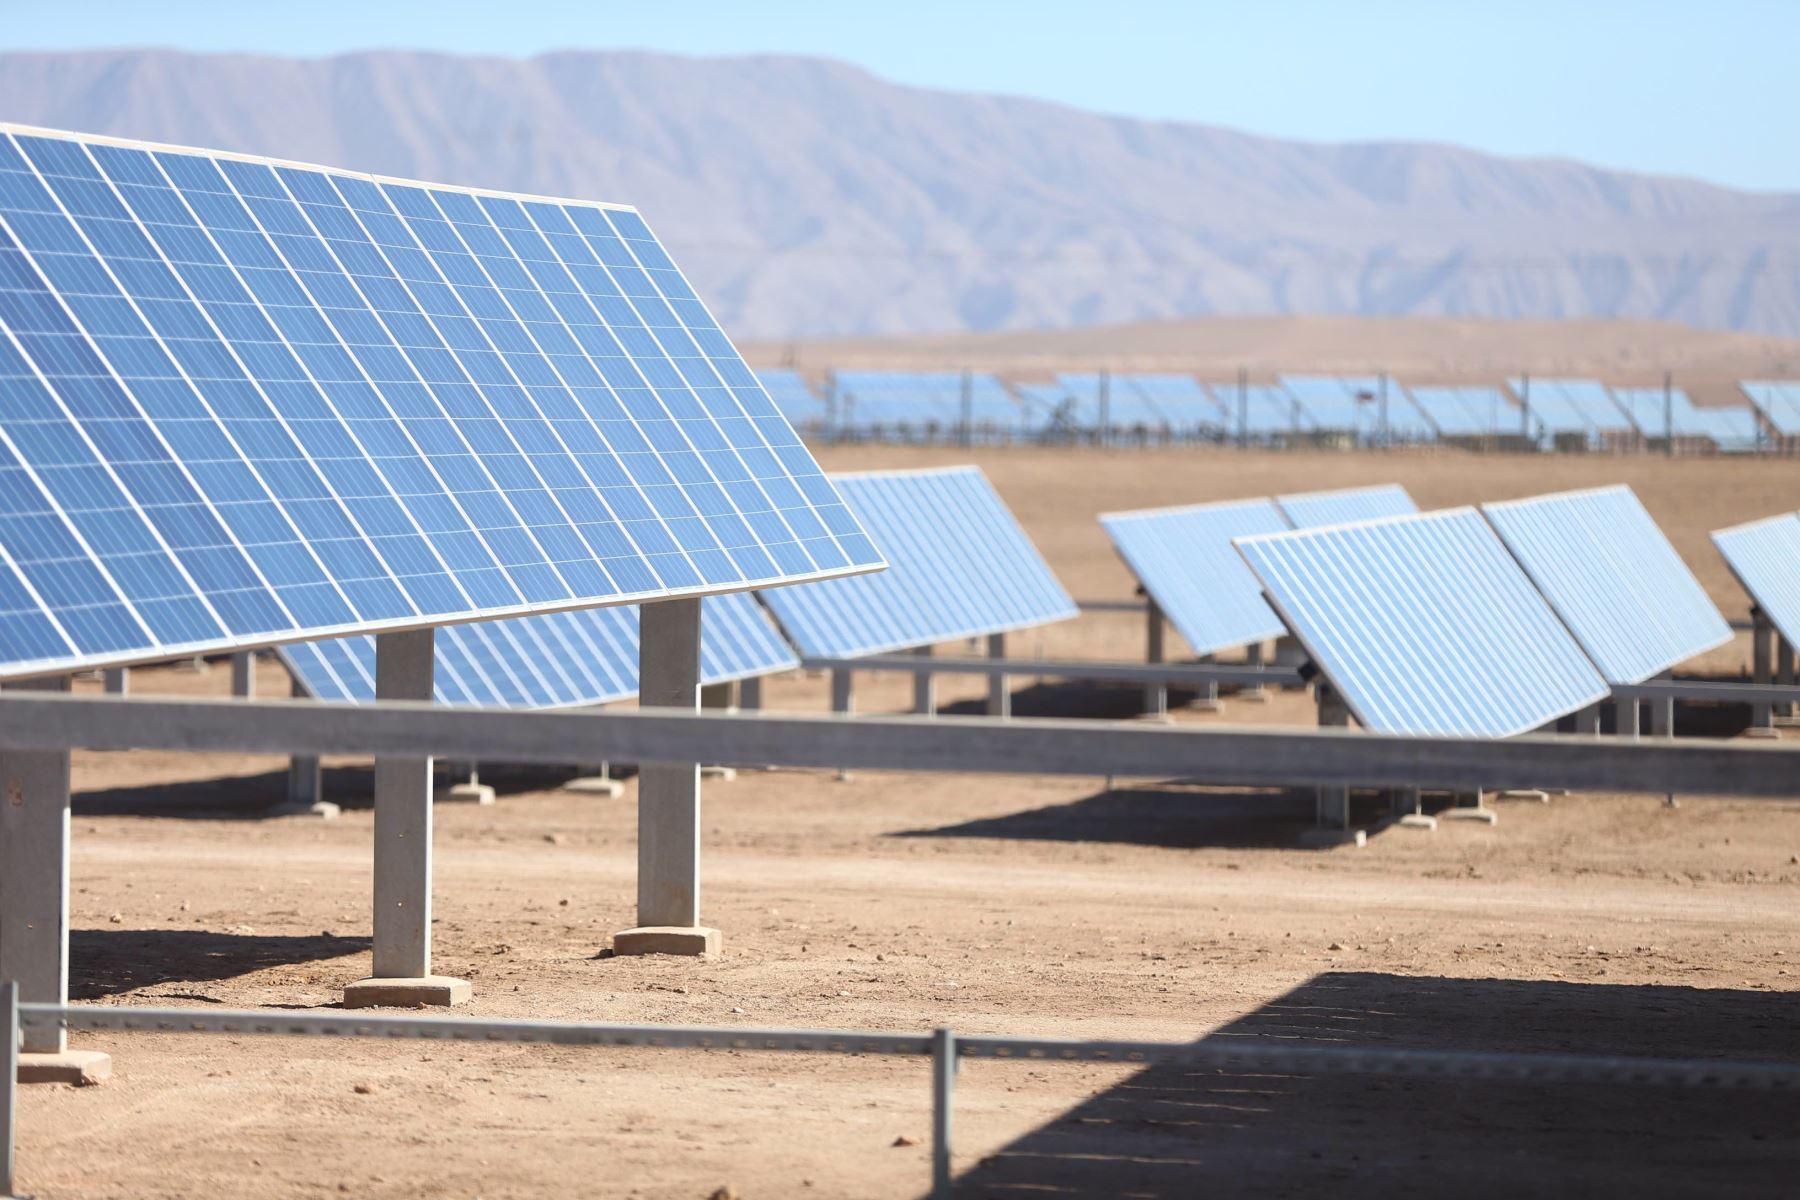 Energias renovables siguen creciendo en generacion electrica a nivel mundial